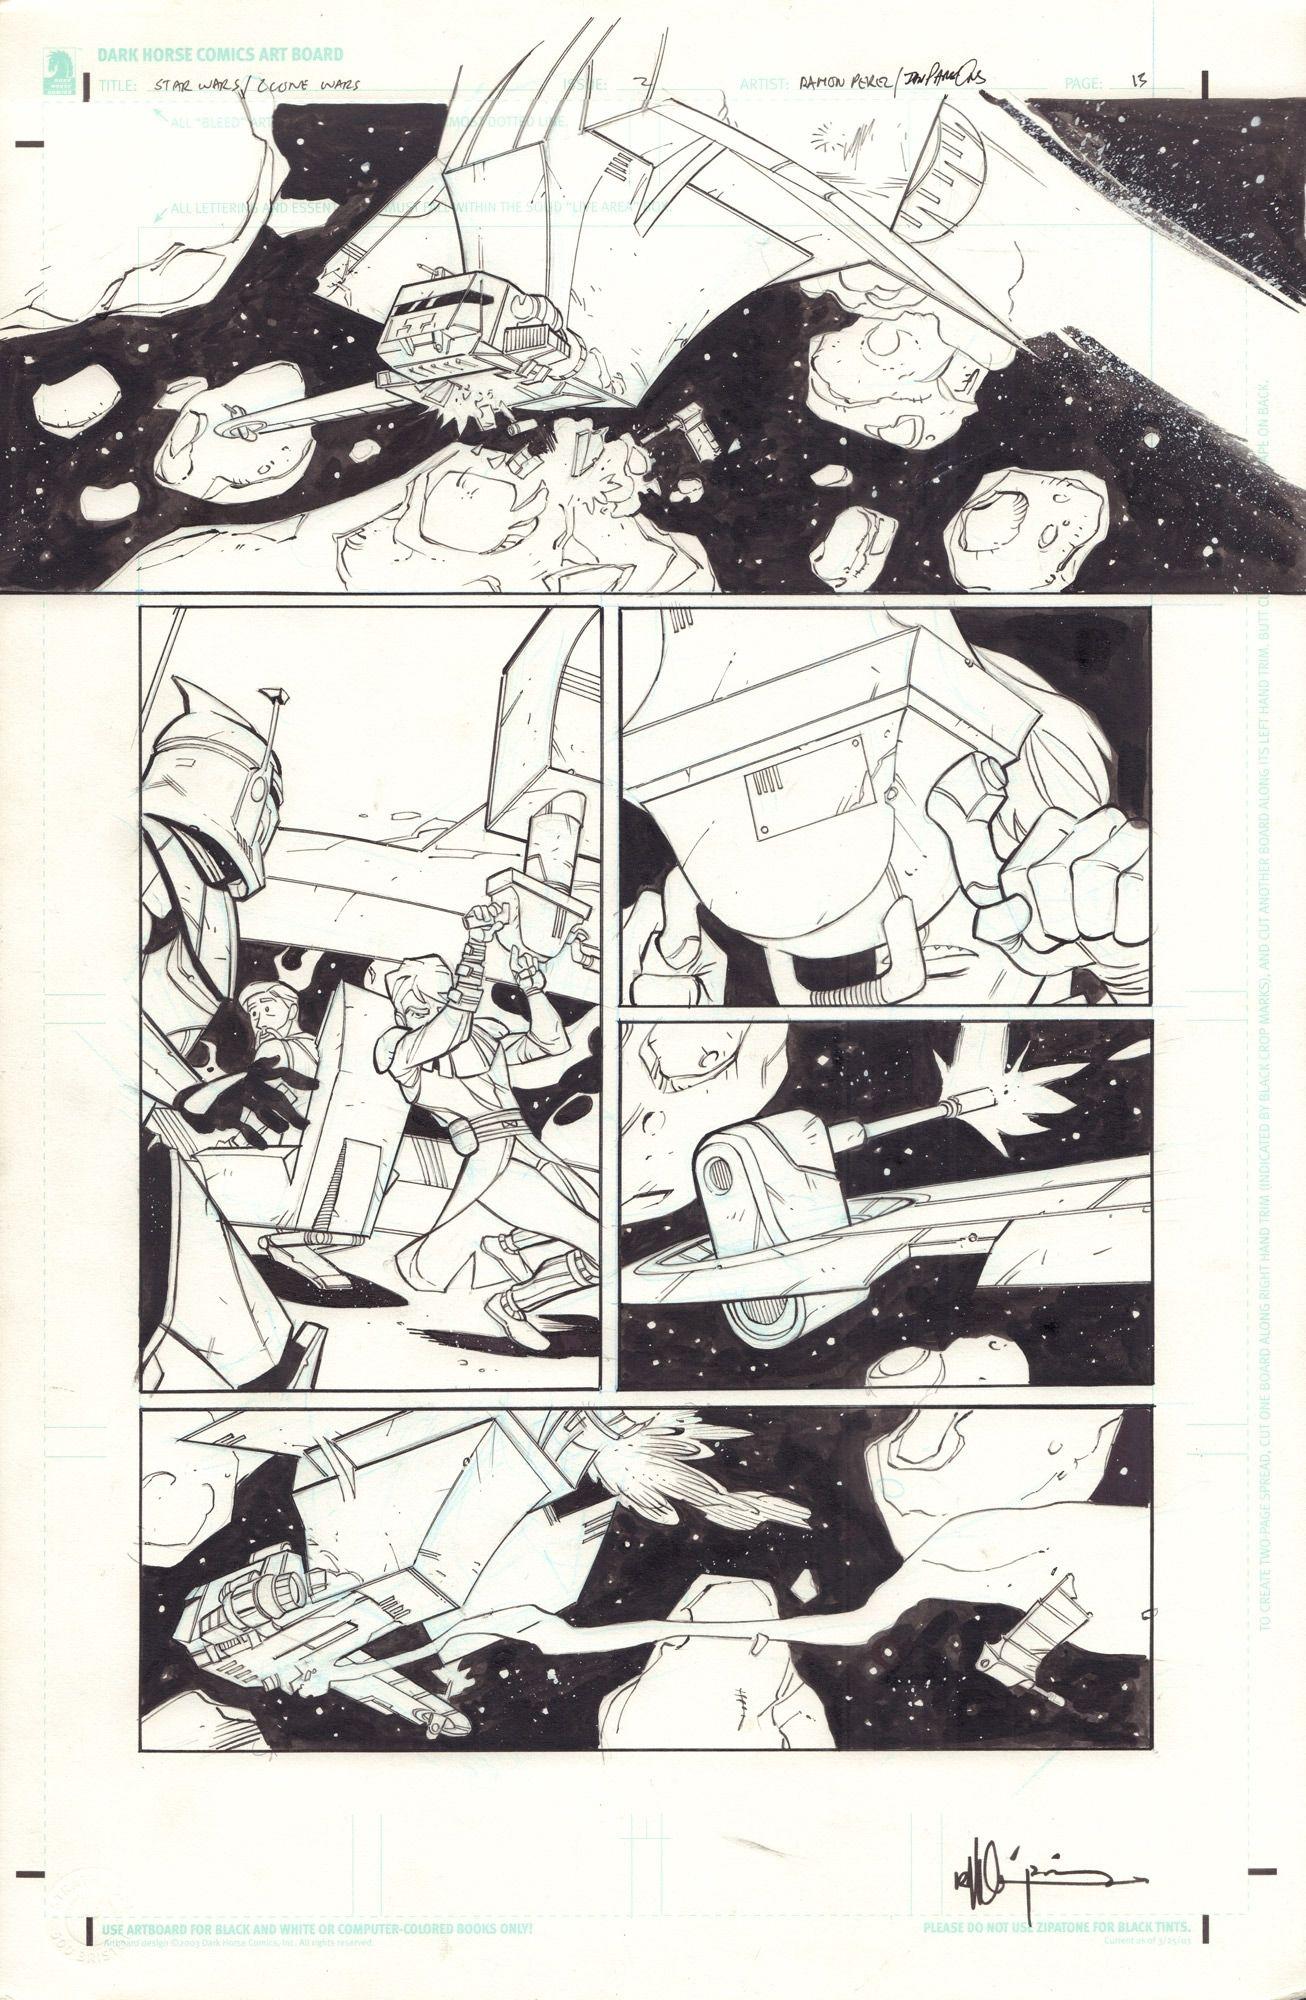 Star Wars: Clone Wars #2/13